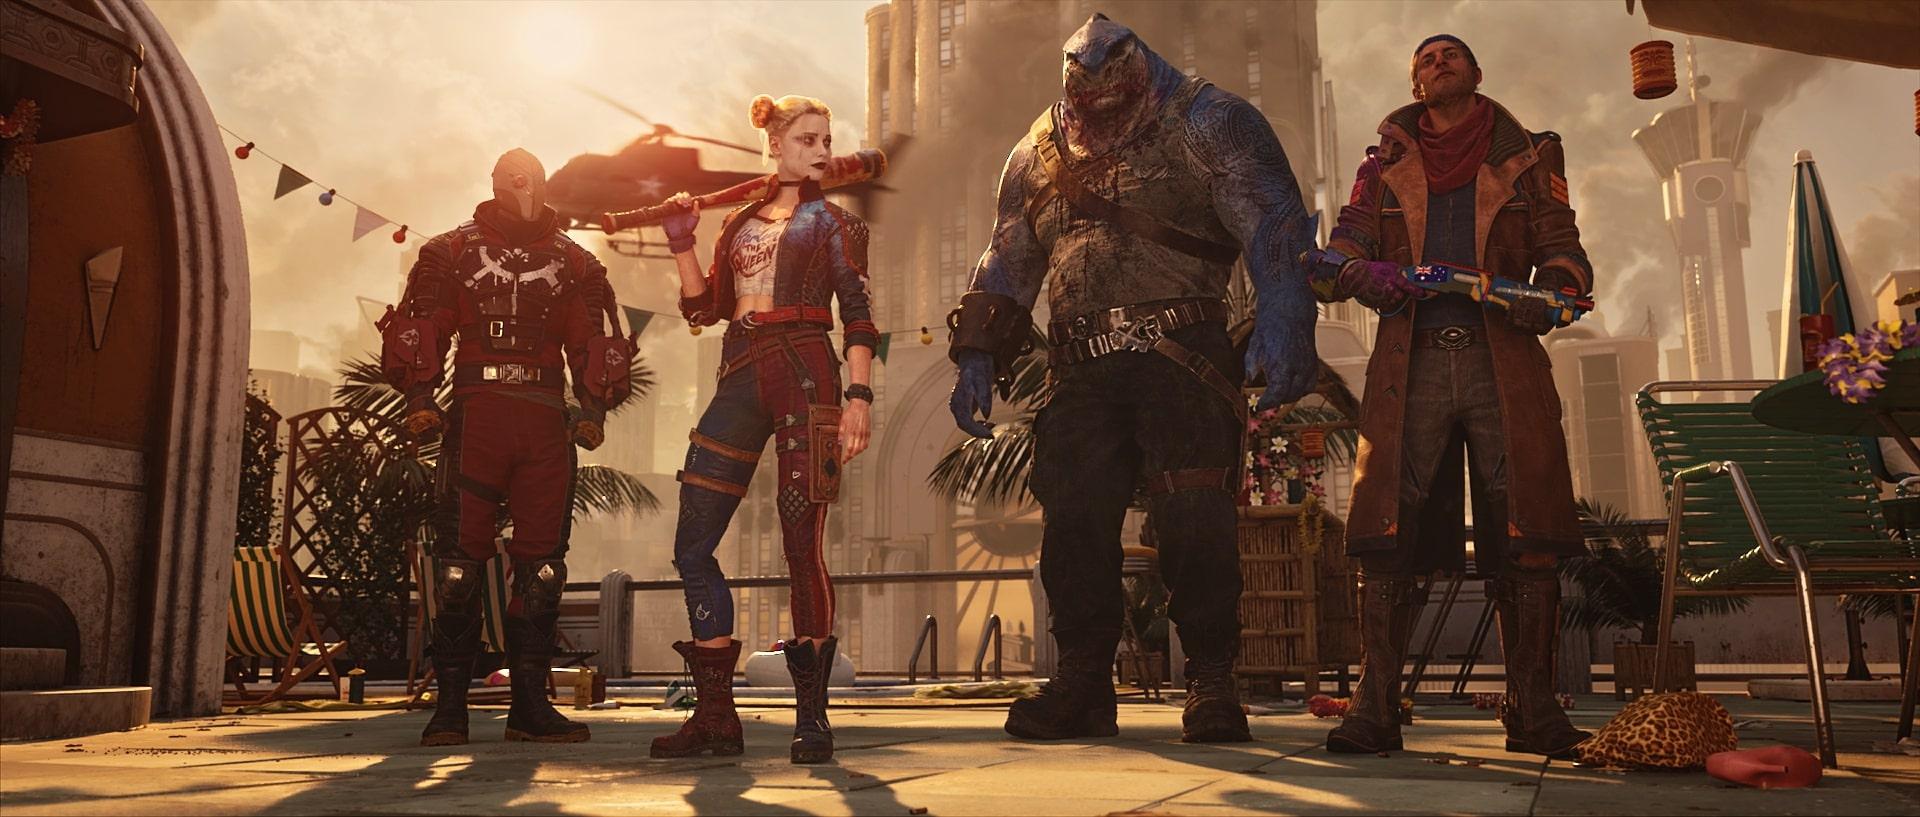 Suicide Squad Kill the Justice League annunciato per PC, PS5 e Xbox Series X, arriva nel 2022